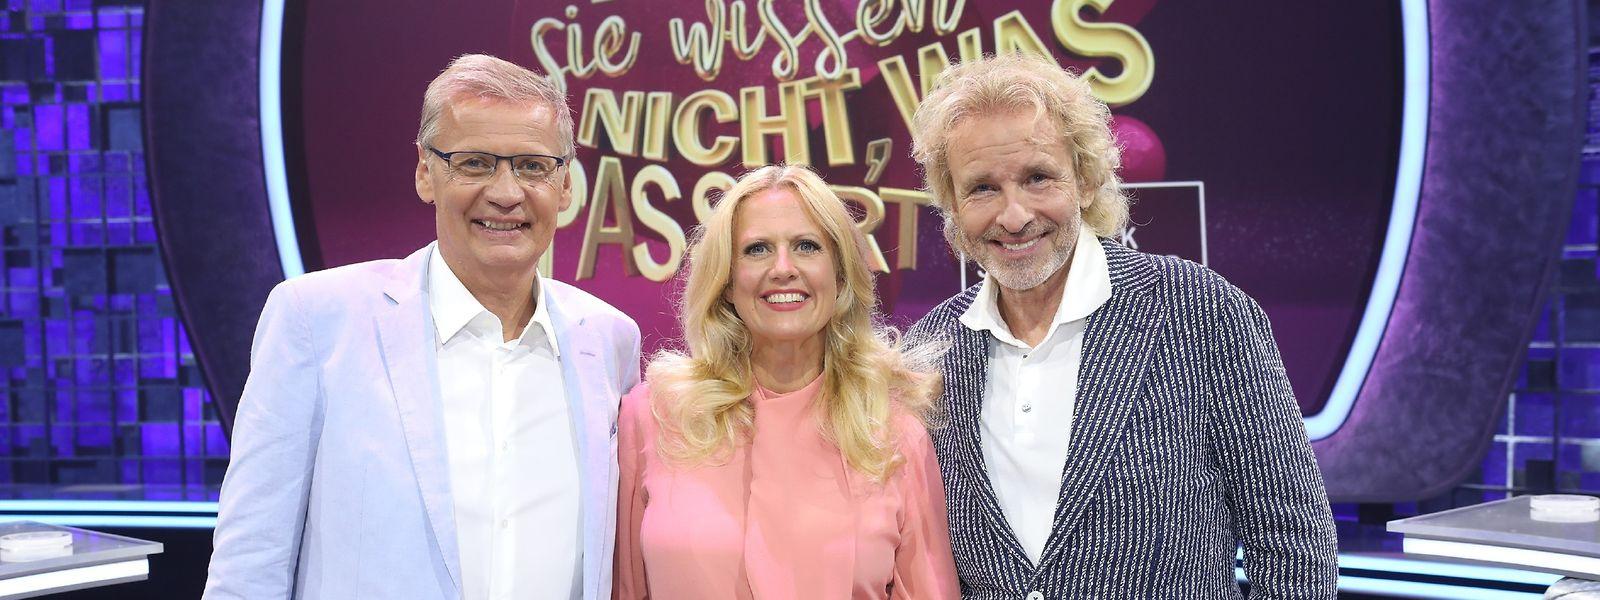 Günther Jauch, Barbara Schöneberger und Thomas Gottschalk (v.l.n.r.).